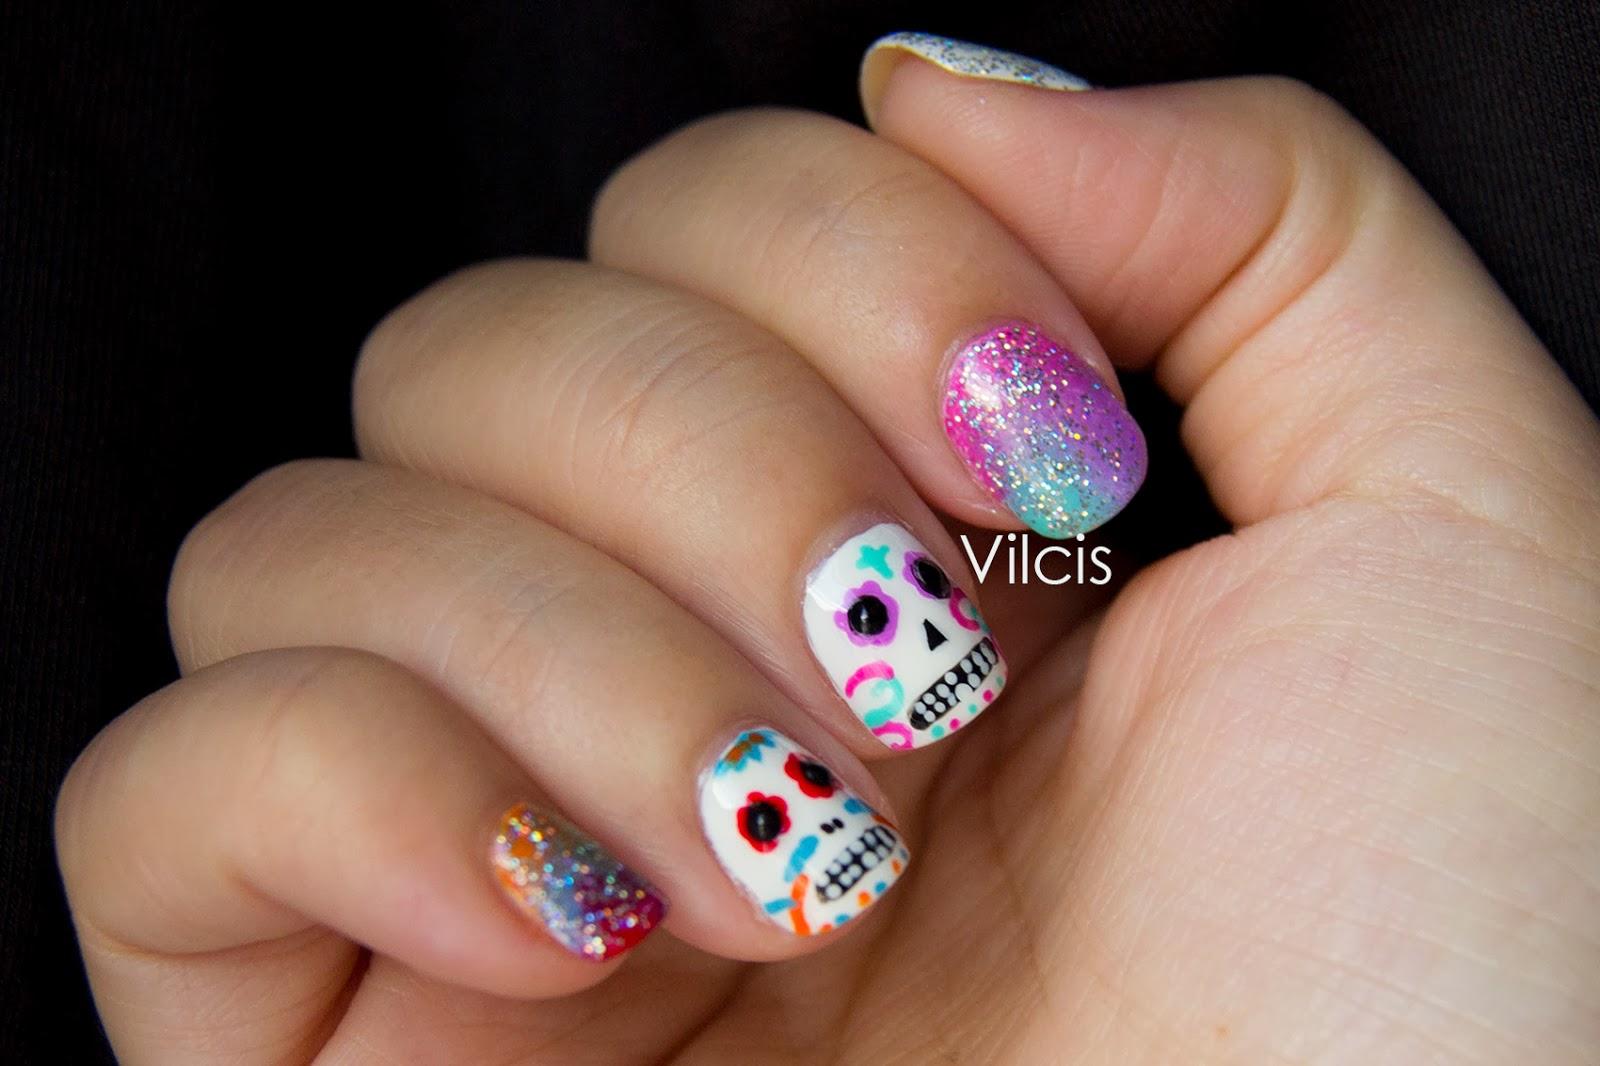 Vilcis nail designs: Diseño uñas Día de los muertos: calaveras de azúcar